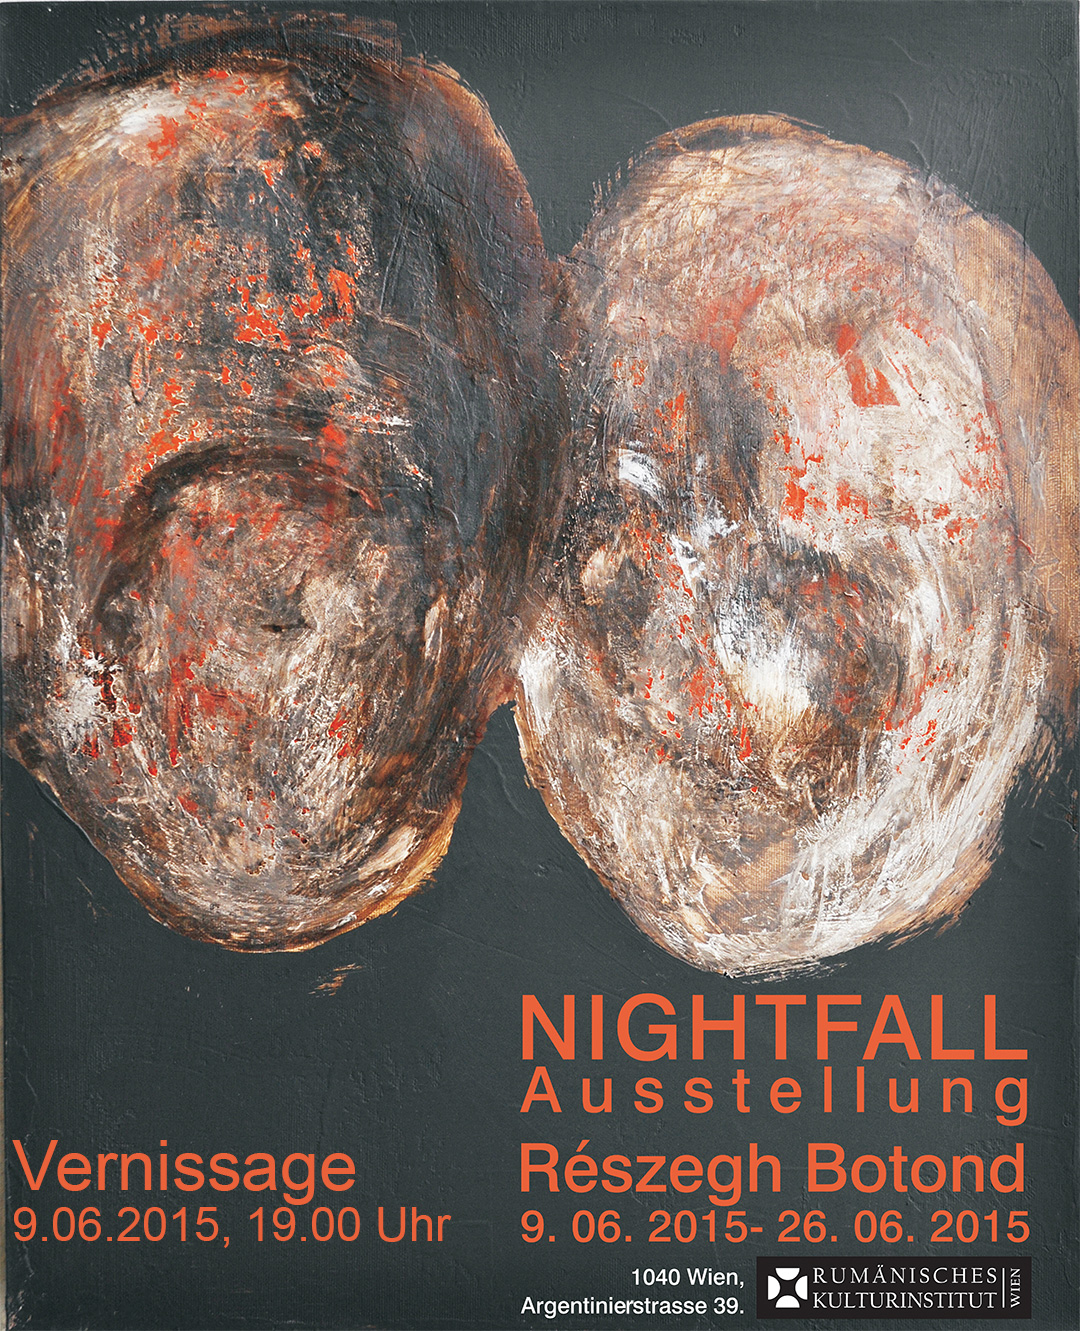 Részegh Botond Expozitia-Nightfall